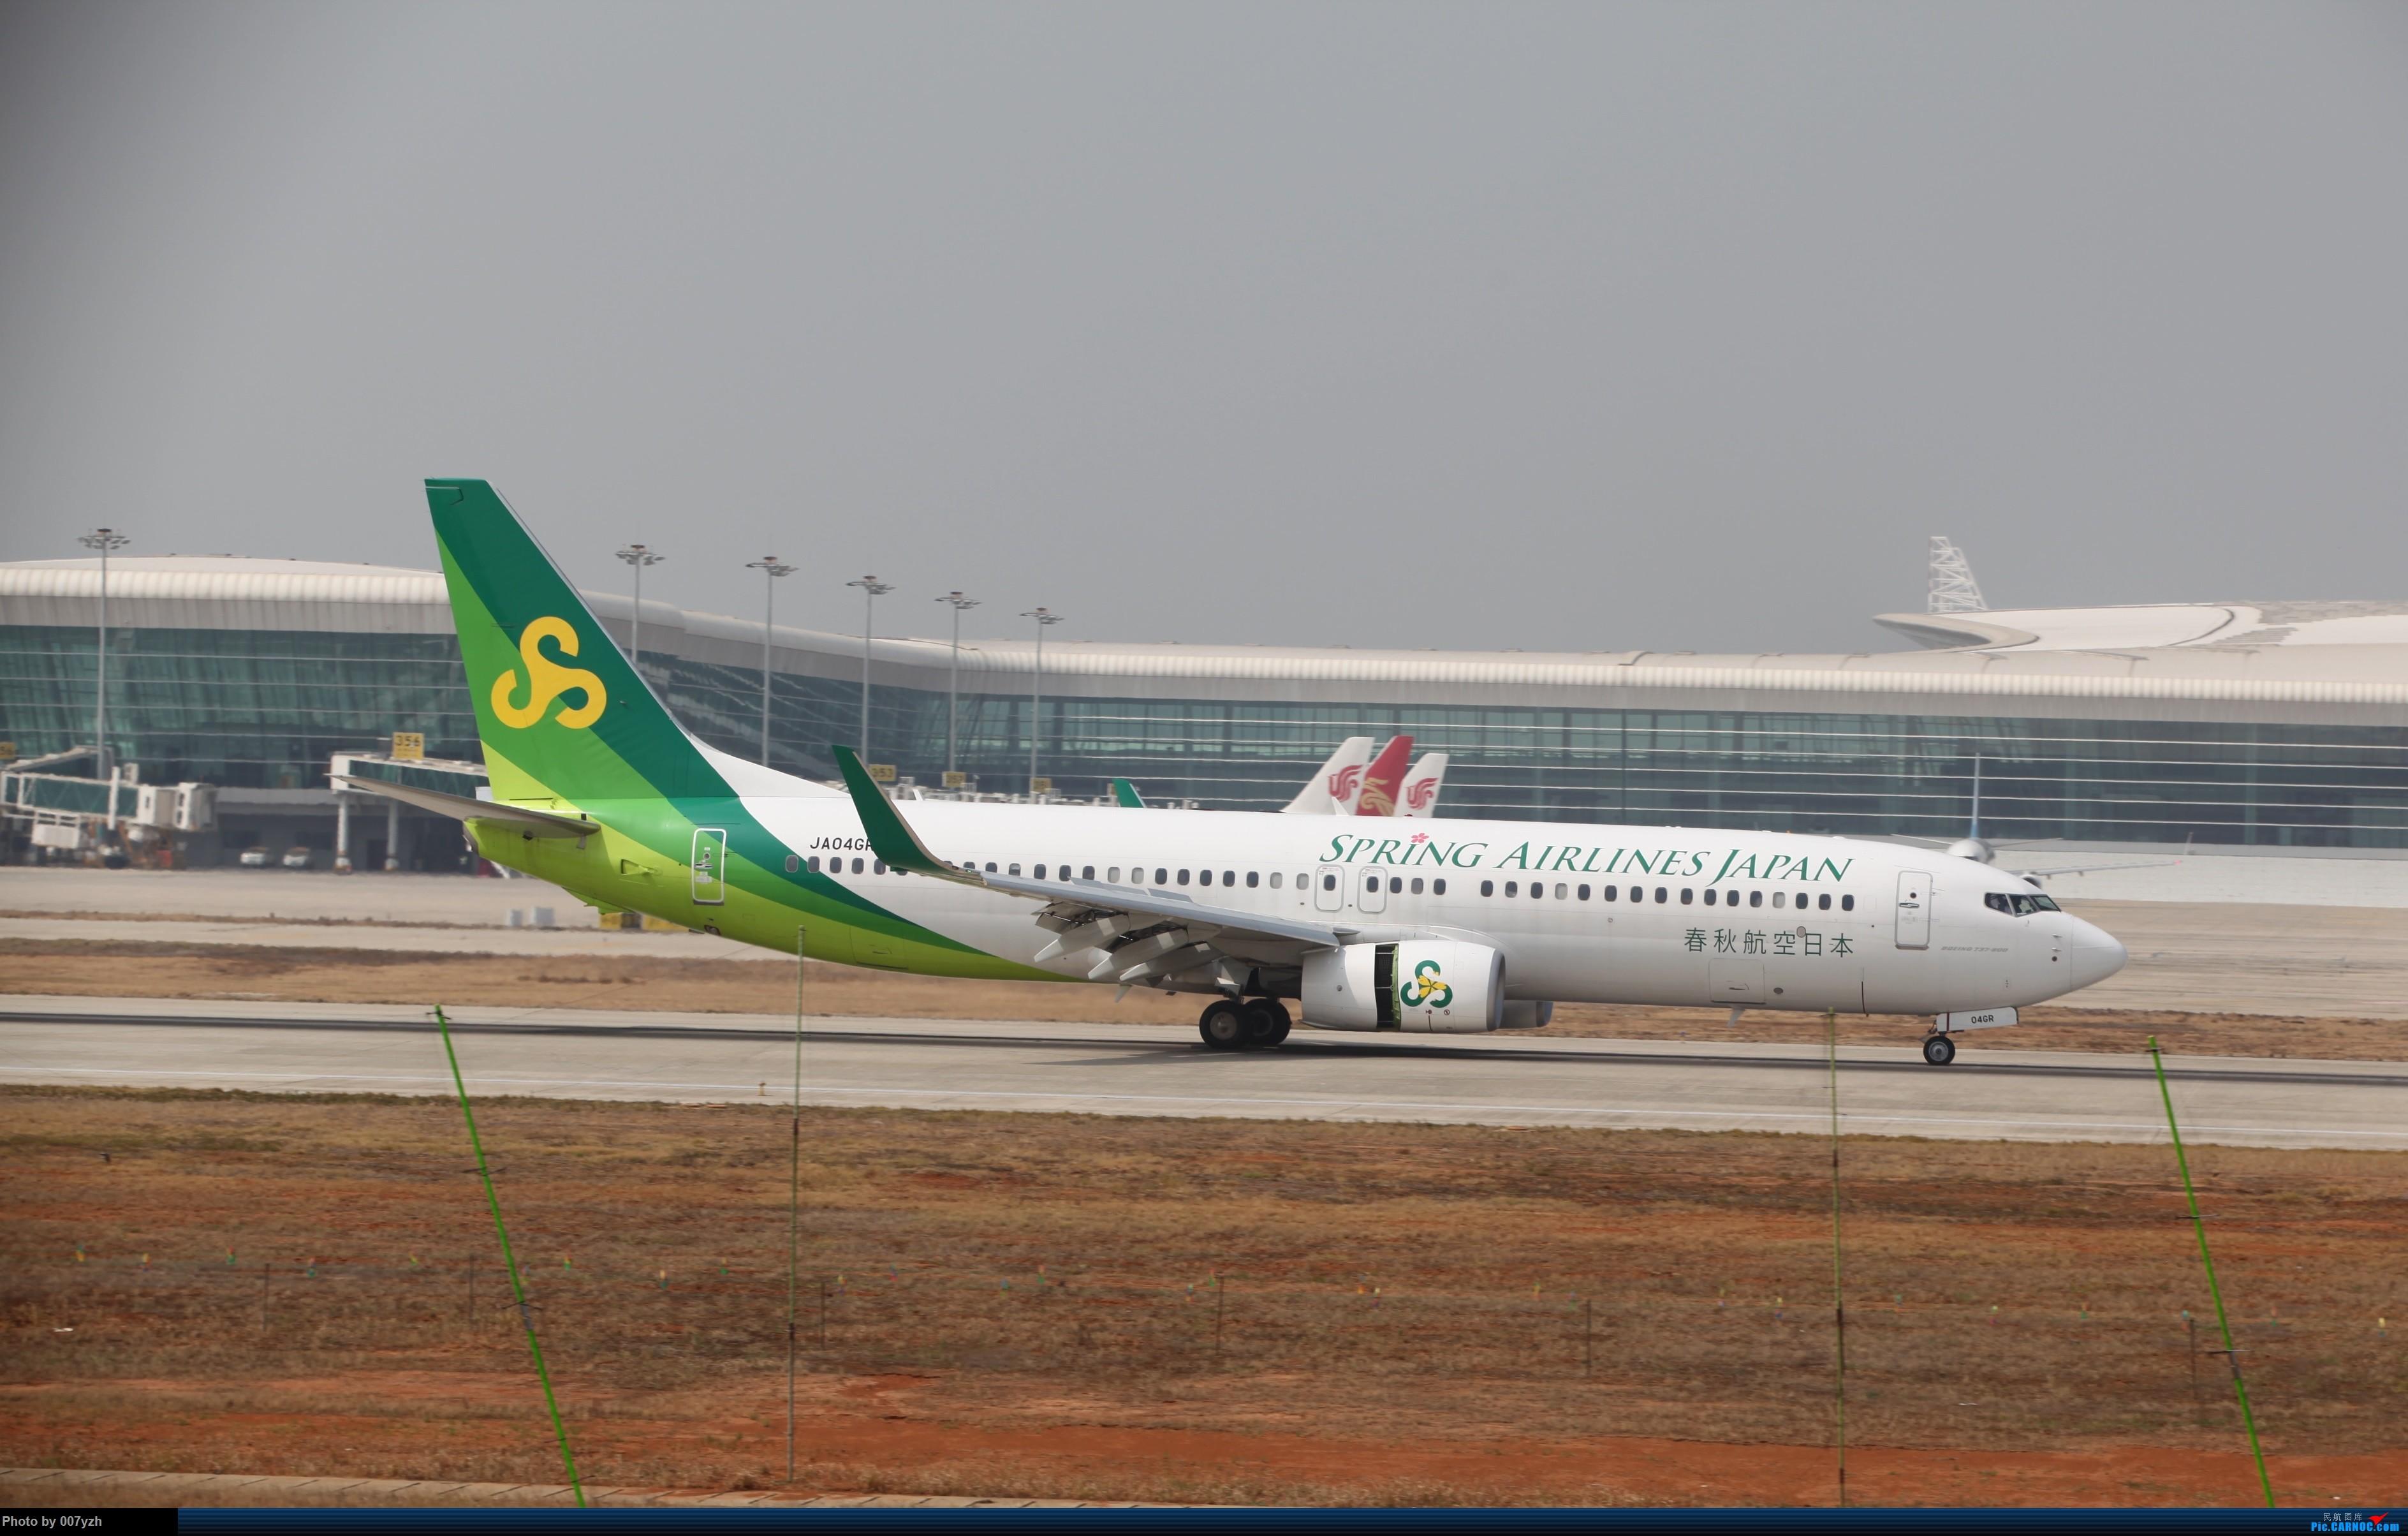 Re:[原创]WUH小拍,终于找到了在WUH拍机的组织 737-800  中国武汉天河国际机场